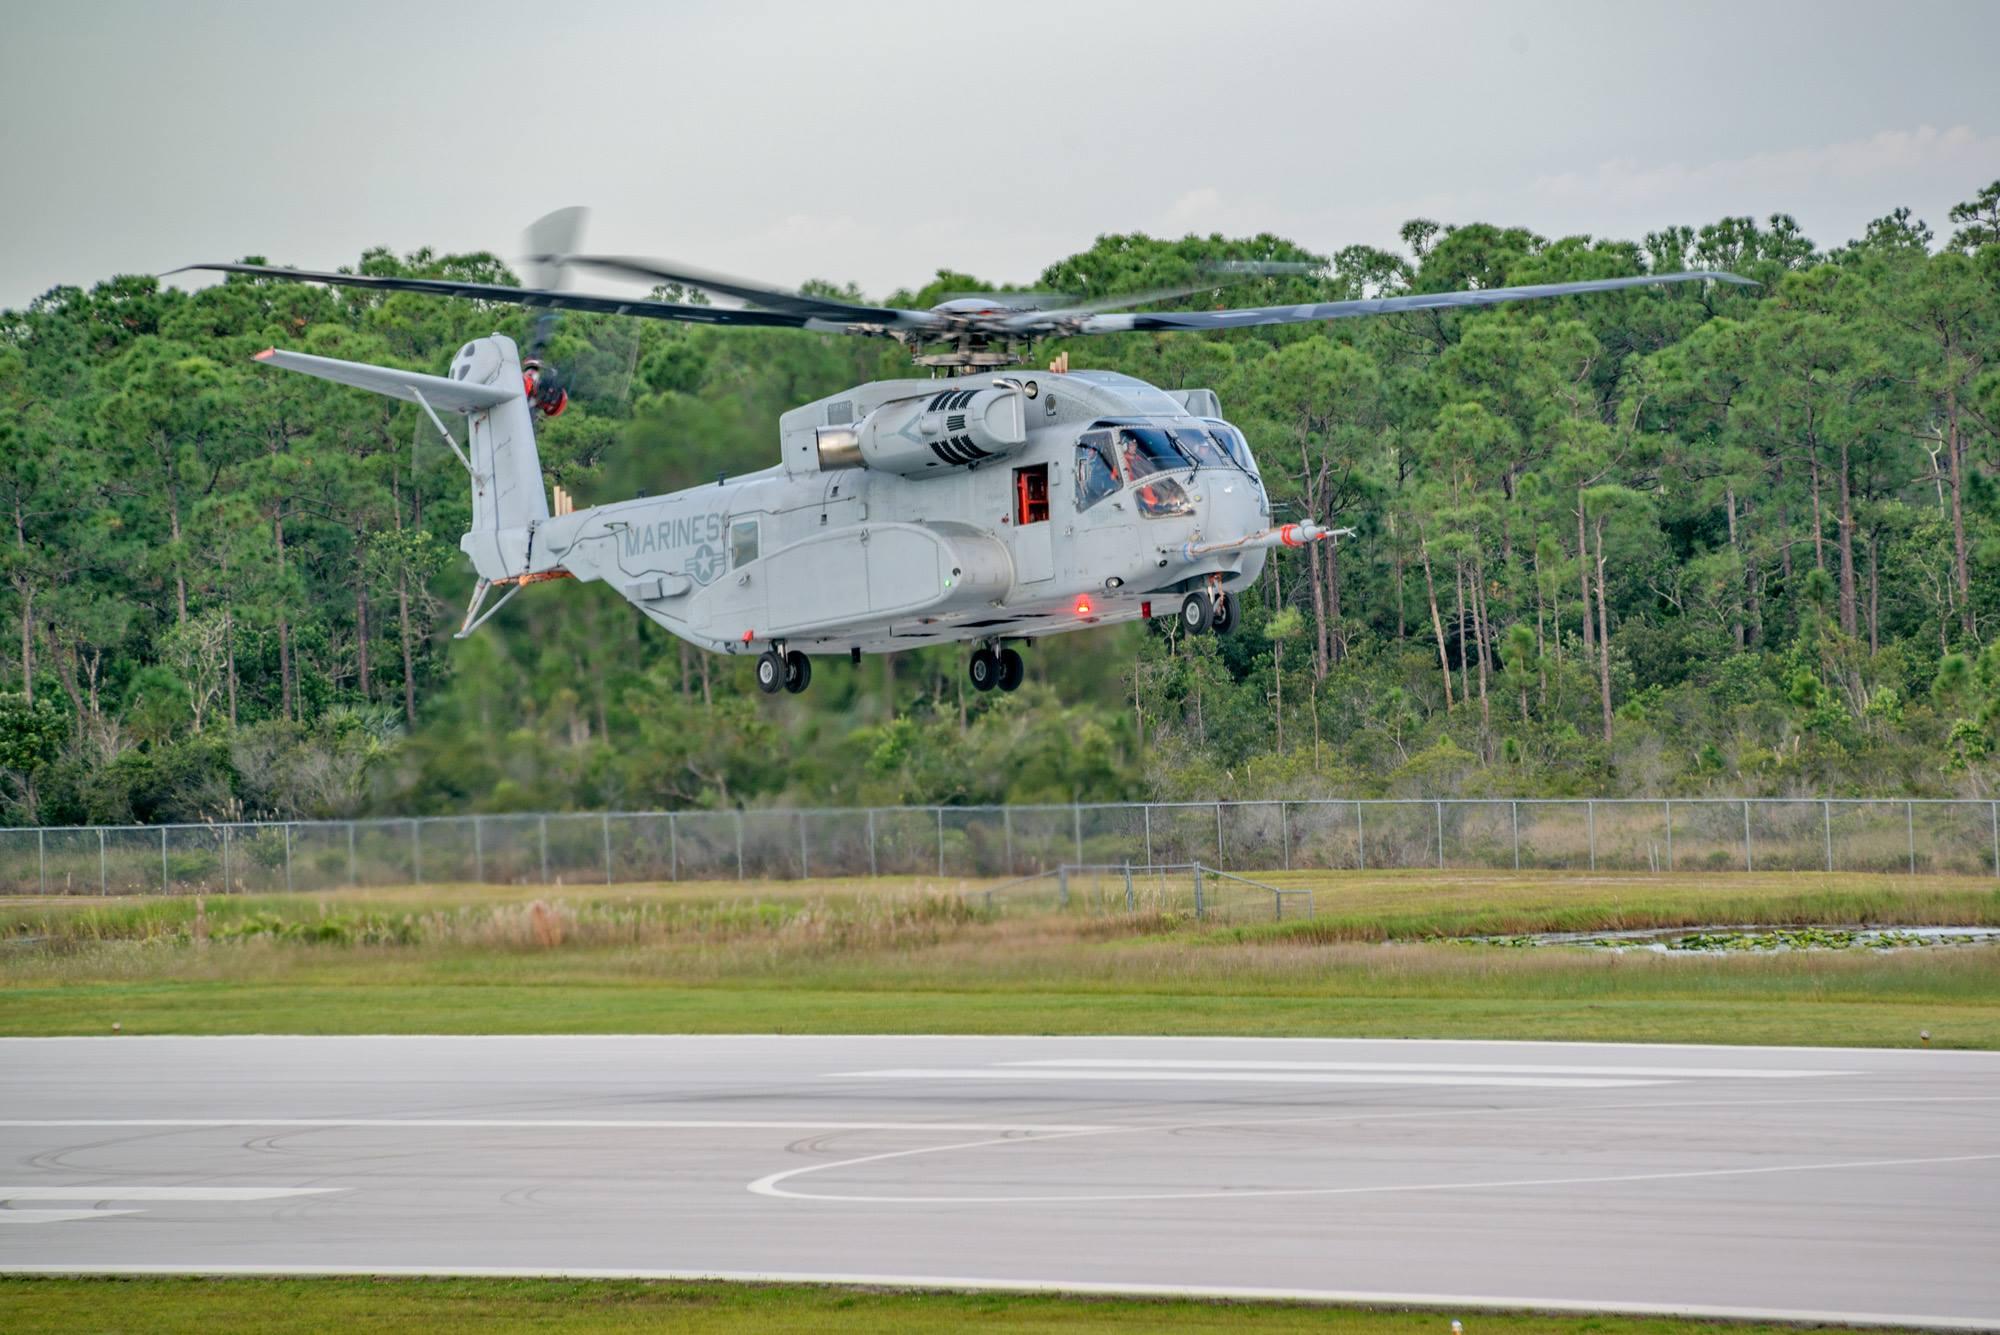 Первый летный опытный образец нового американского тяжелого транспортного вертолета Sikorsky СН-53К King Stallion (прототип EDM-1) в первом полете по полному профилю. Вест-Палм-Бич (Флорида), 27.10.2015 (с) Sikorsky Aircraft